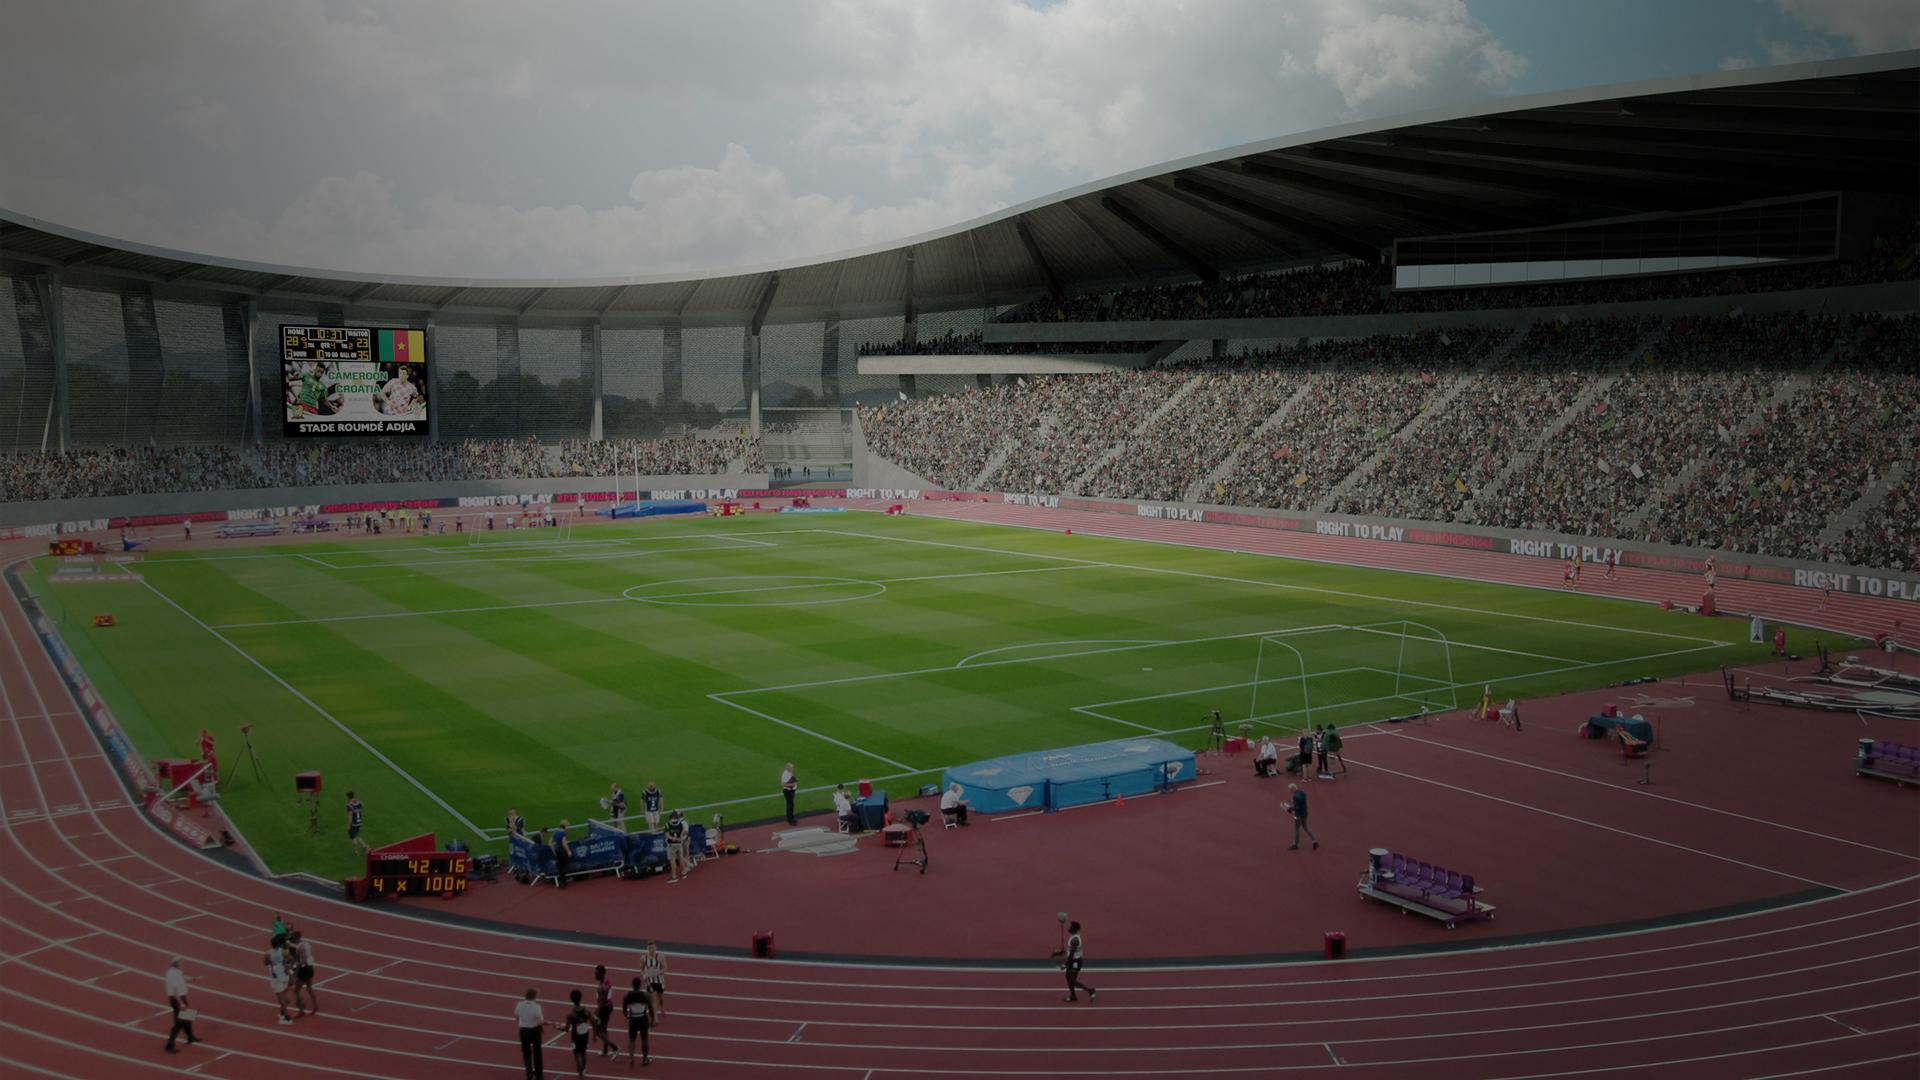 """Résultat de recherche d'images pour """"roumde adjia stadium garoua"""""""